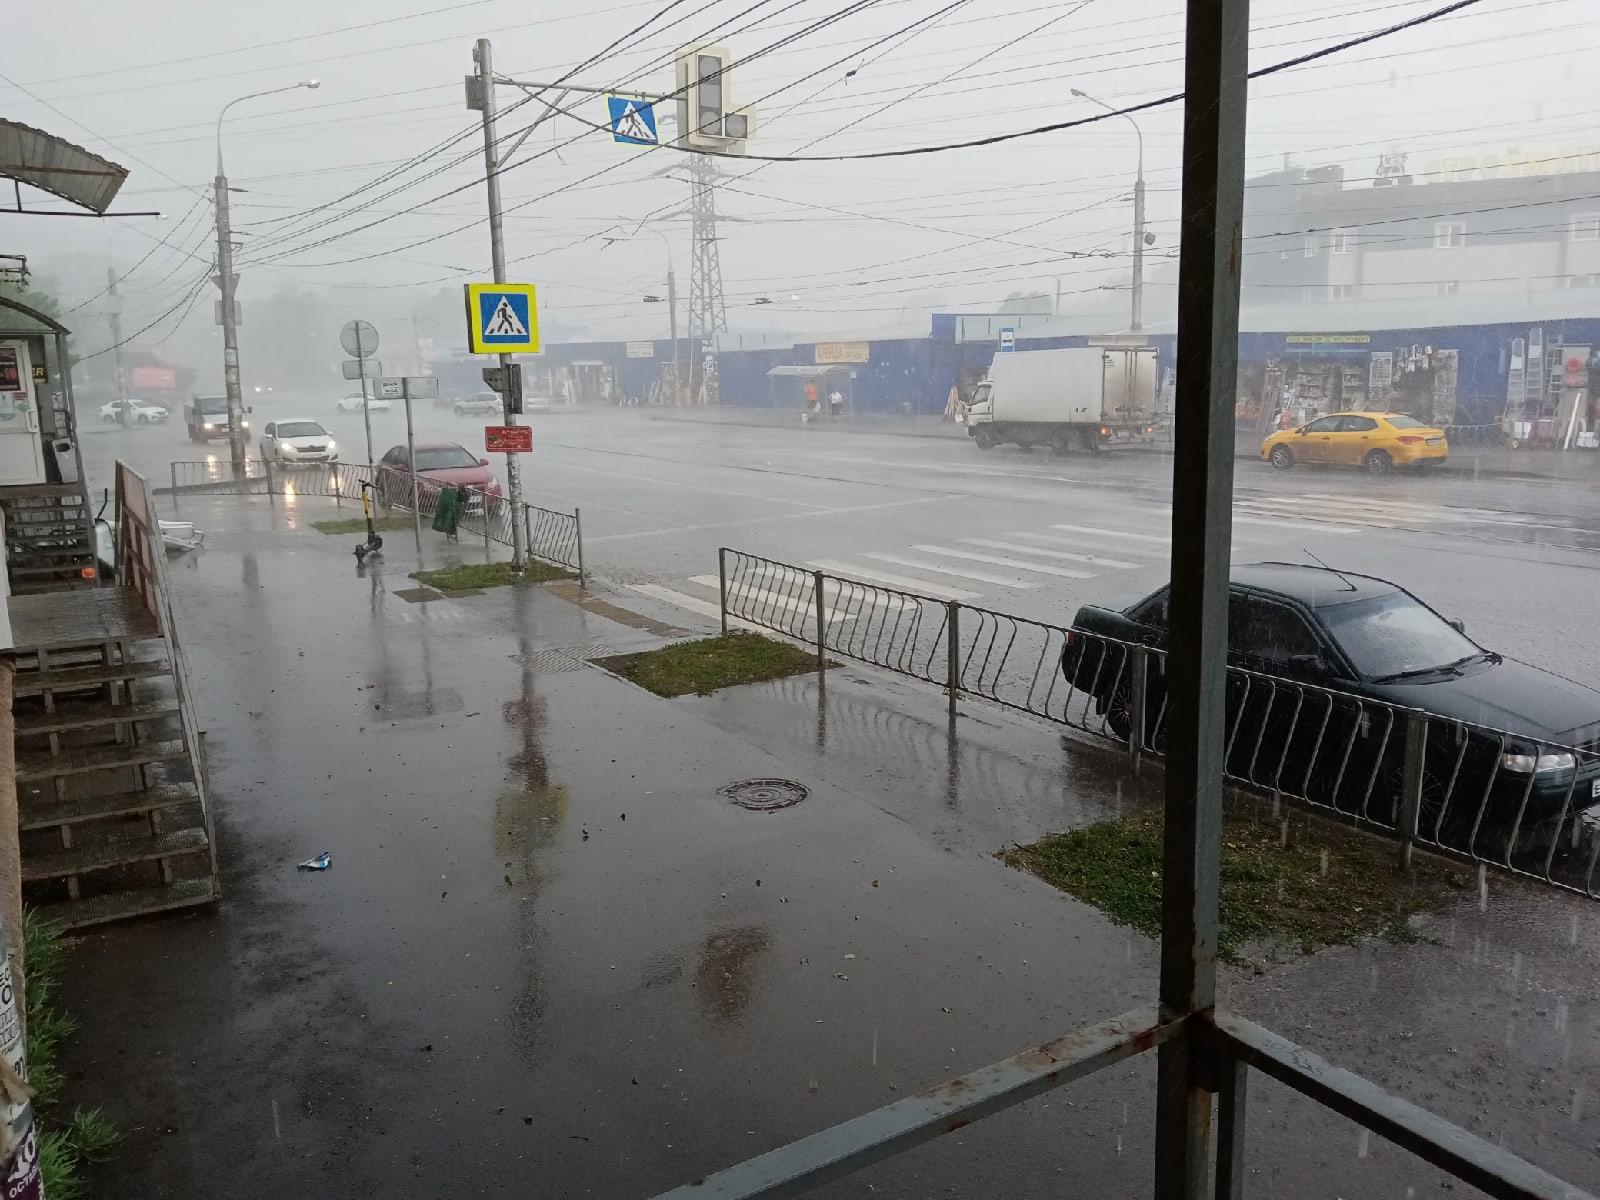 В Самаре в ряде районов города днём 24 июня 2021 года выпал град размером с грецкий орех